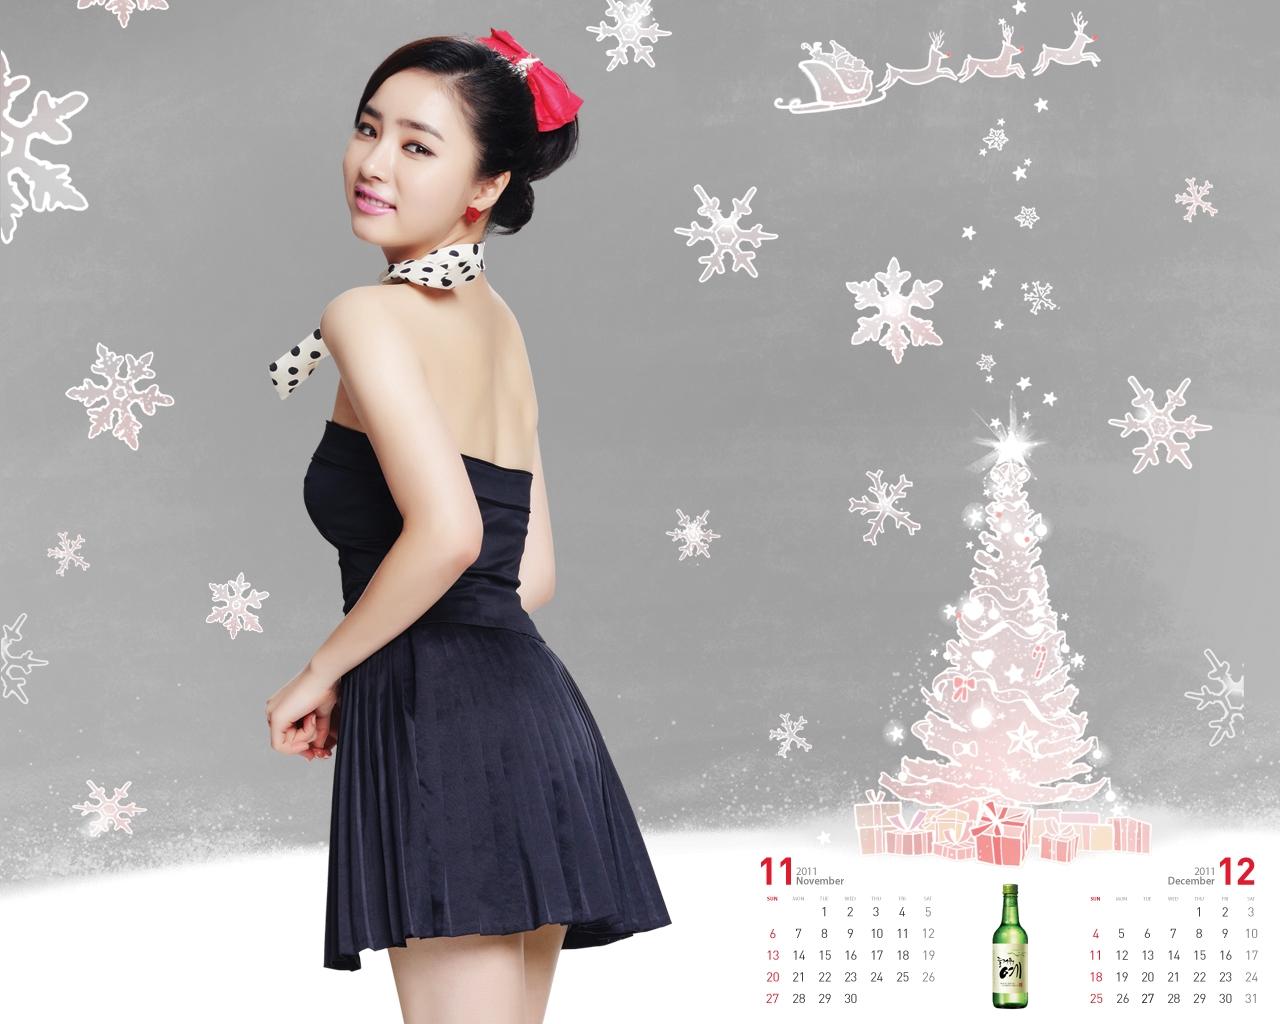 Fun Yeah Soju - Shin Se Kyung Wallpaper (32967316) - Fanpop fanclubs